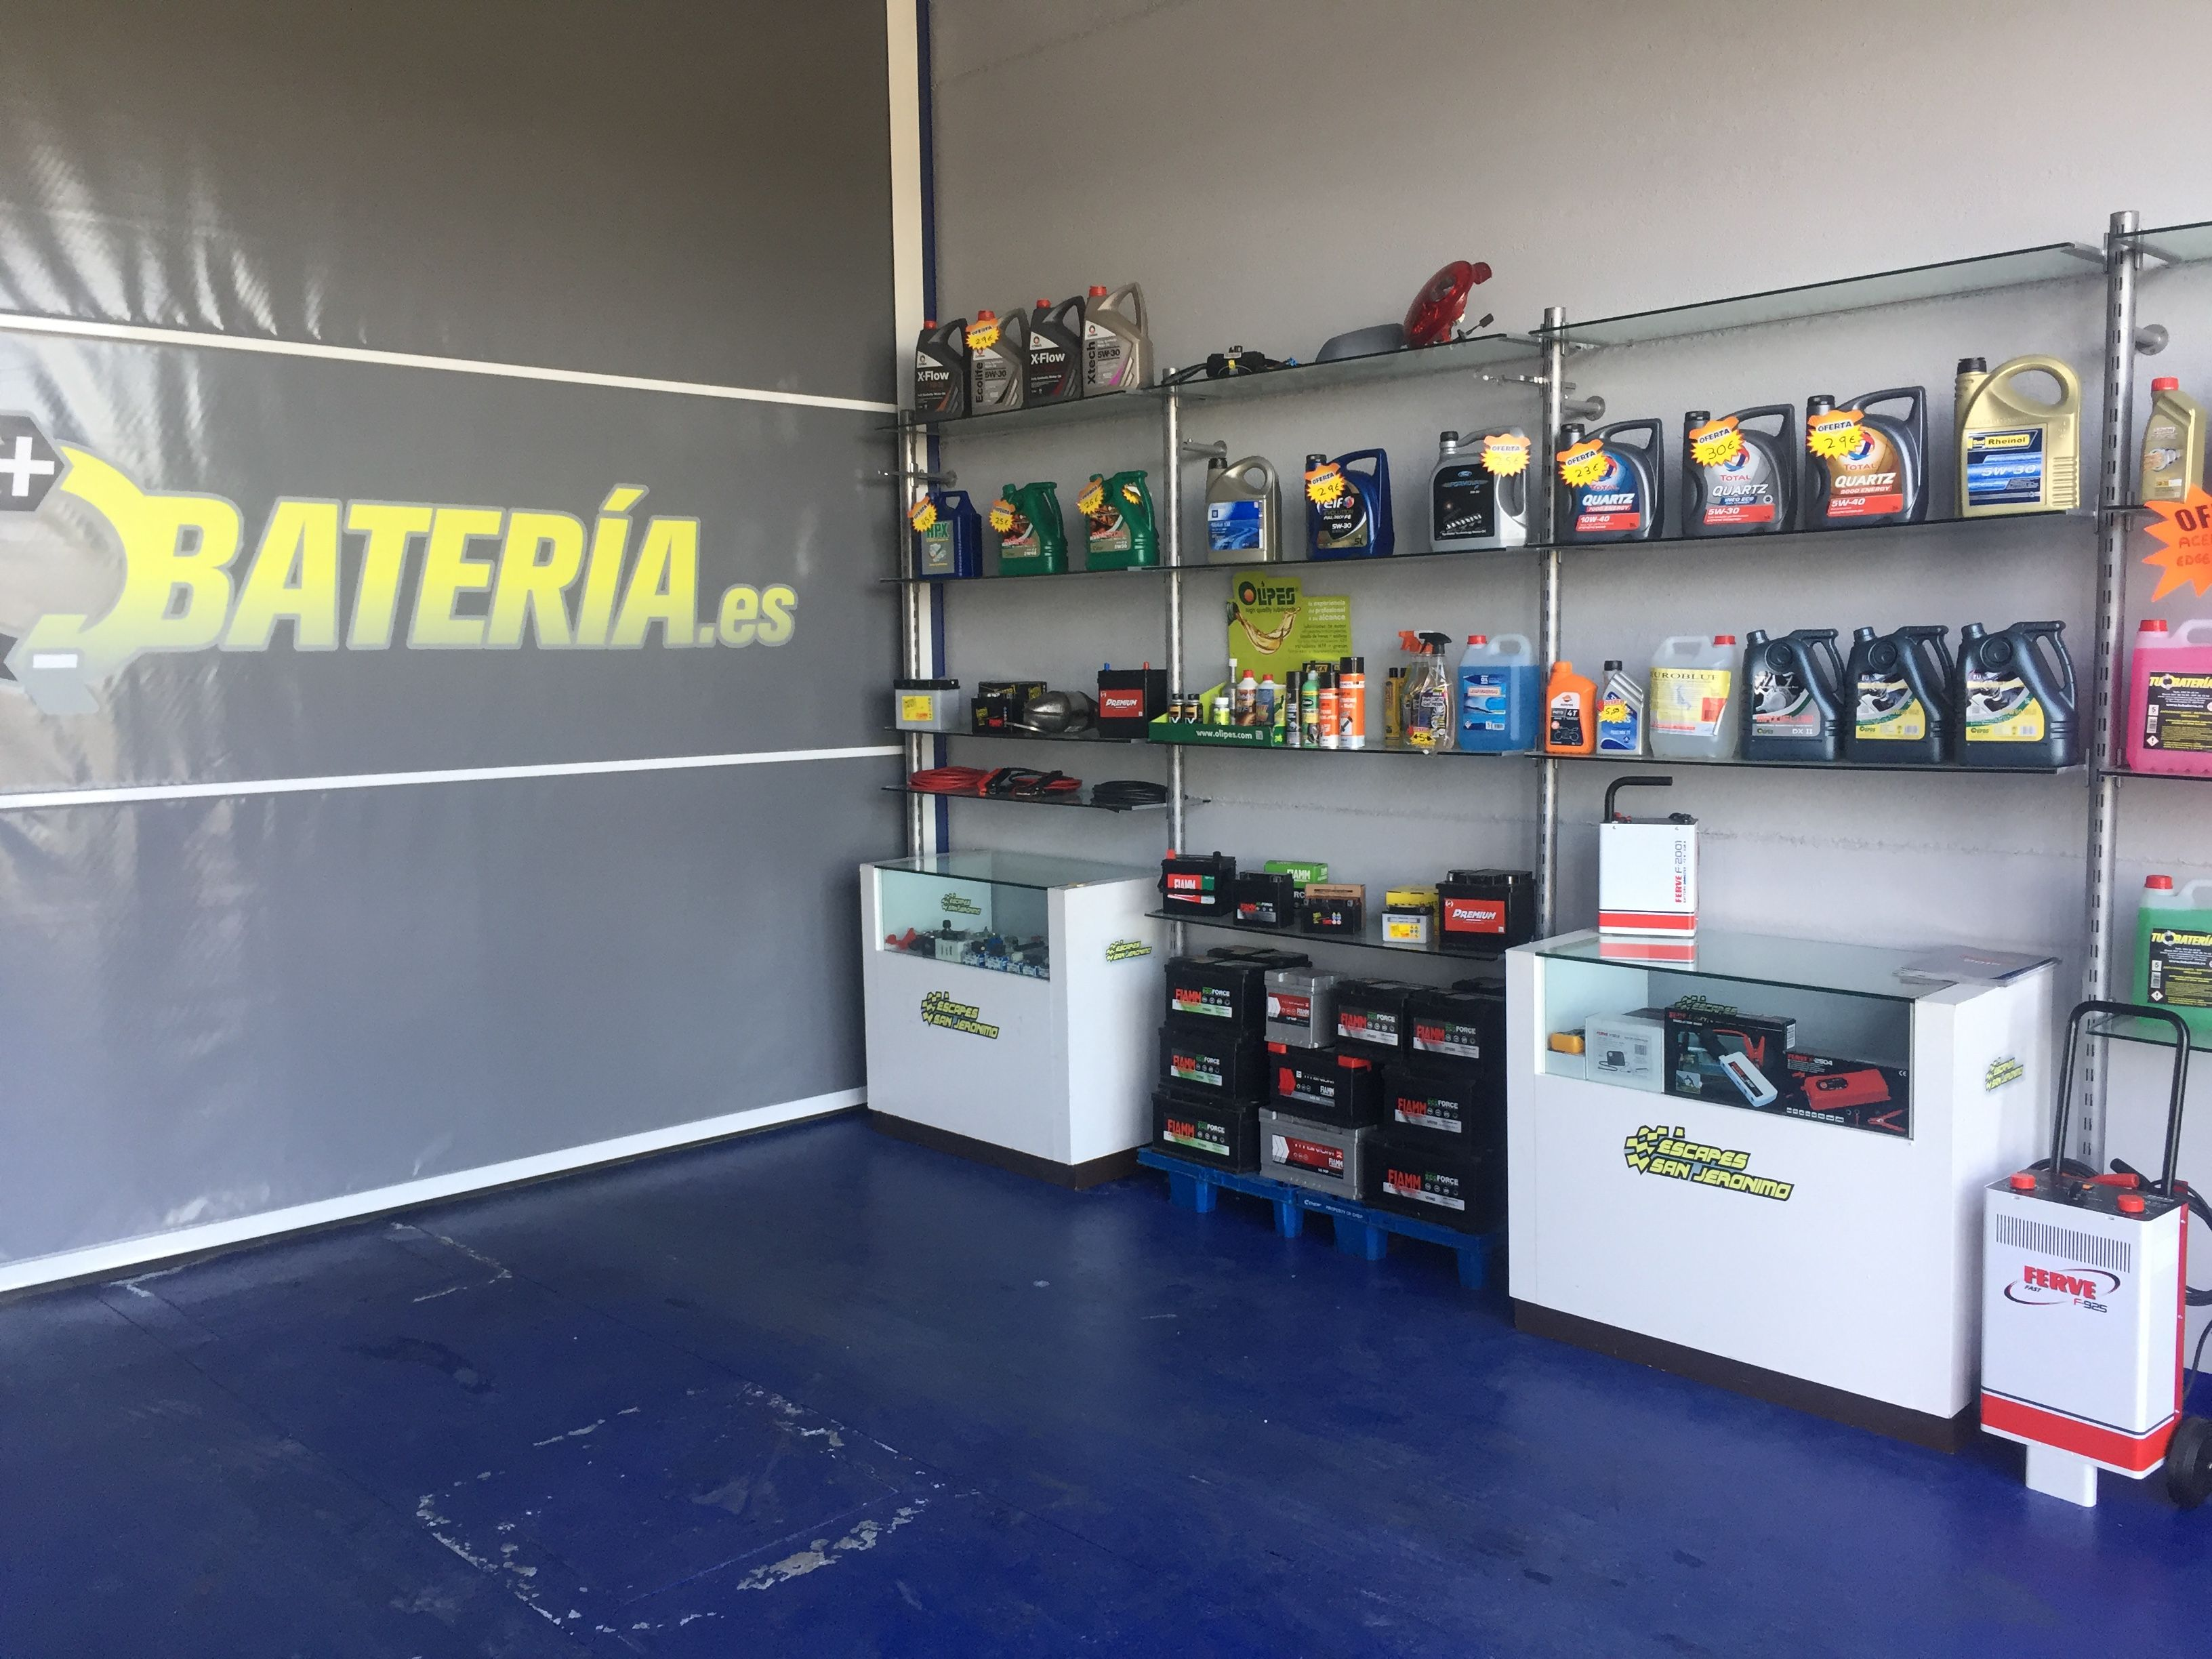 Regeneración o reparación de baterías industriales: Servicios de Tu Batería